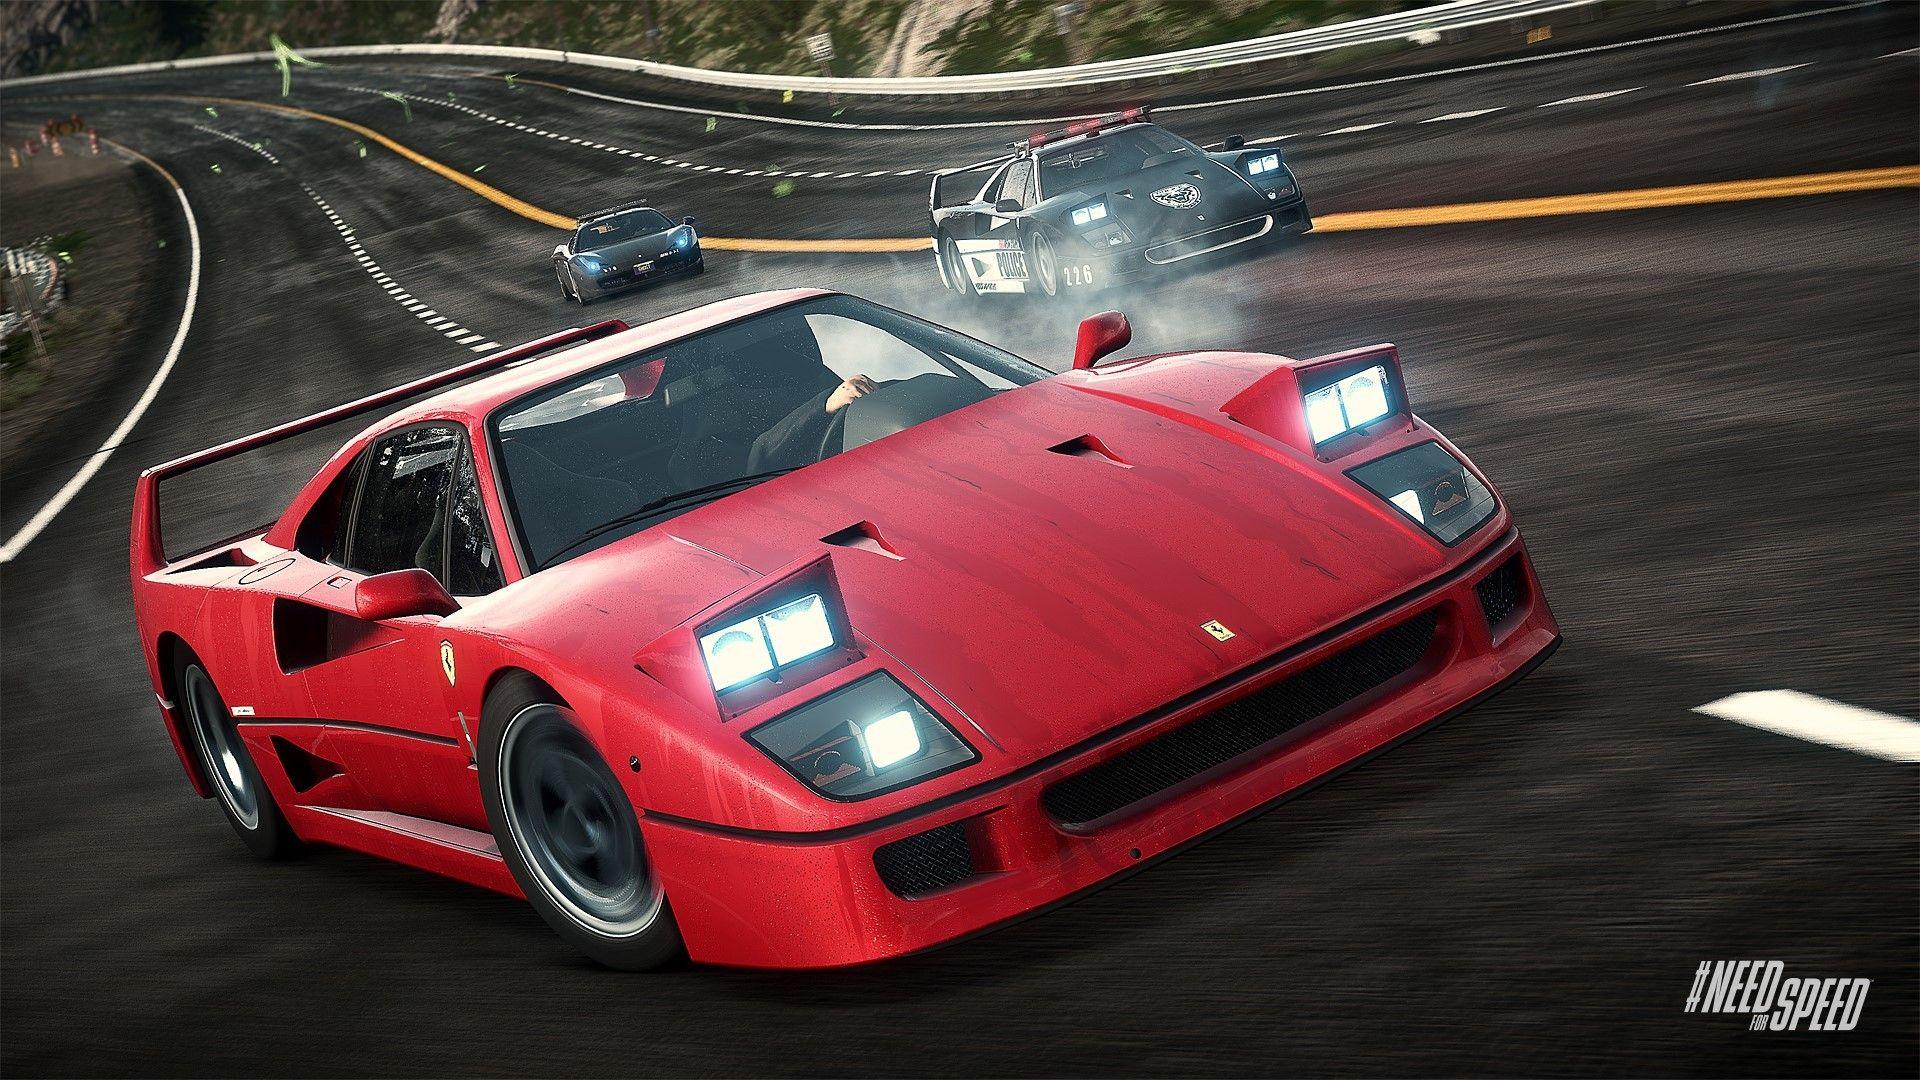 Создатели поведали о новоиспеченной игре серии Need for Speed